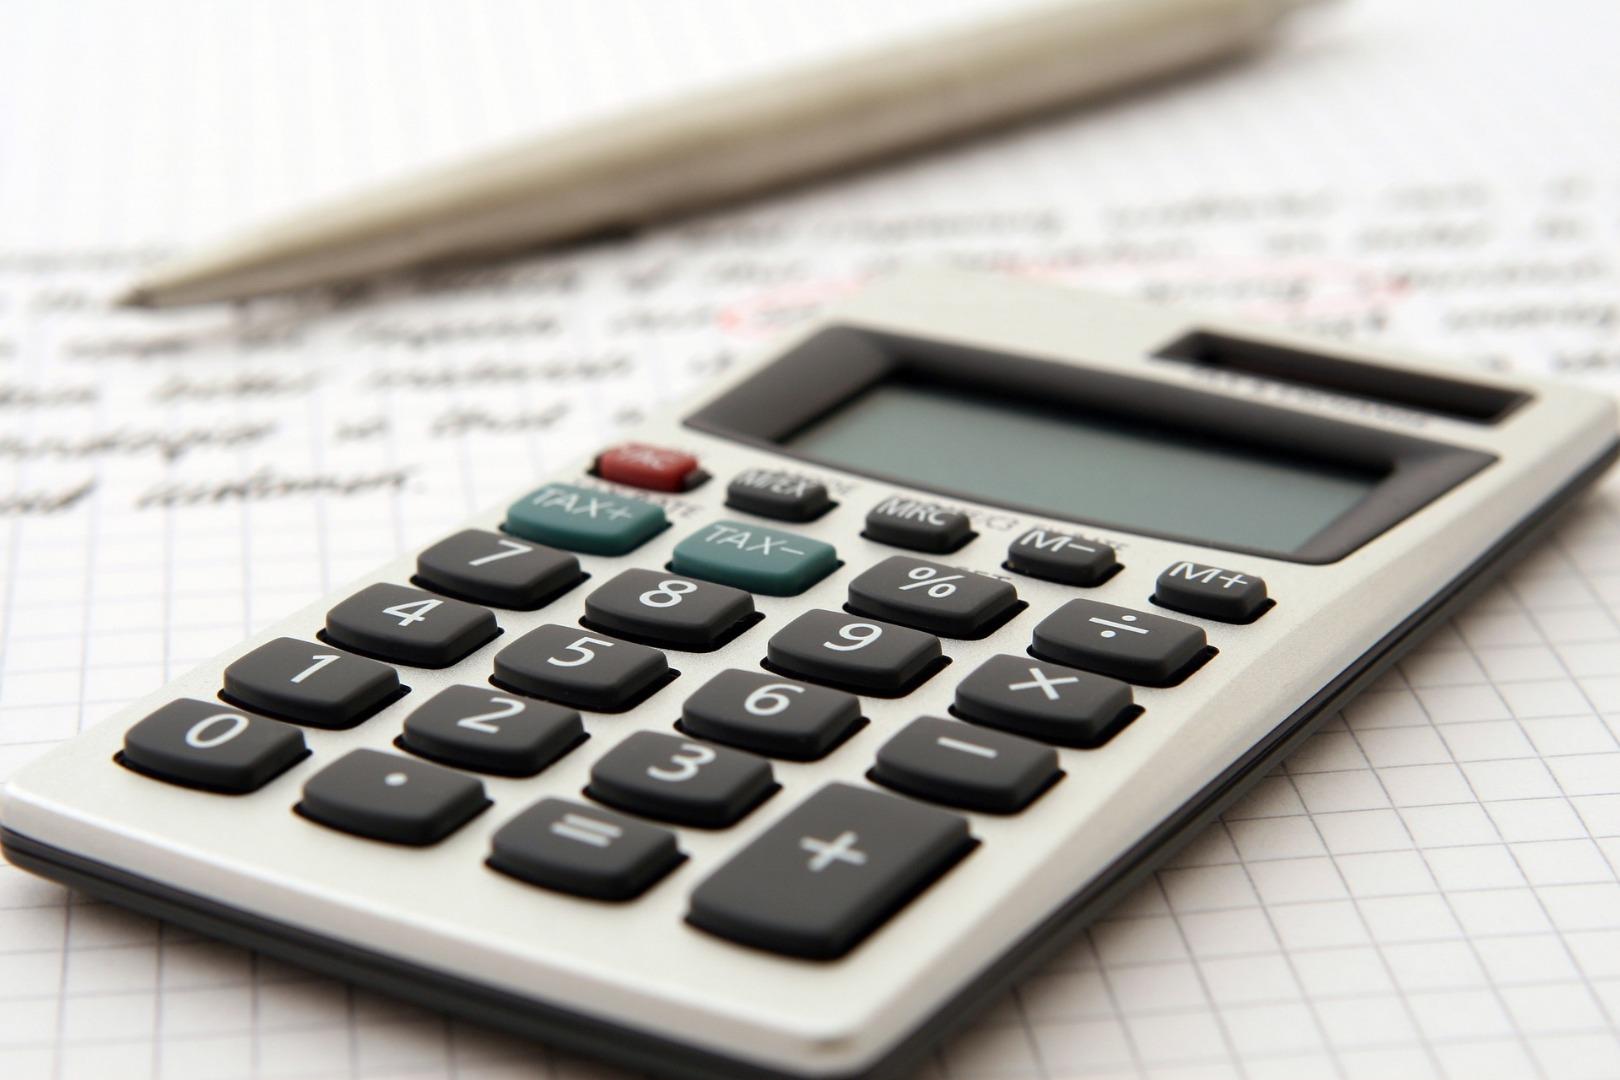 É possível ajustar minha carta de crédito?